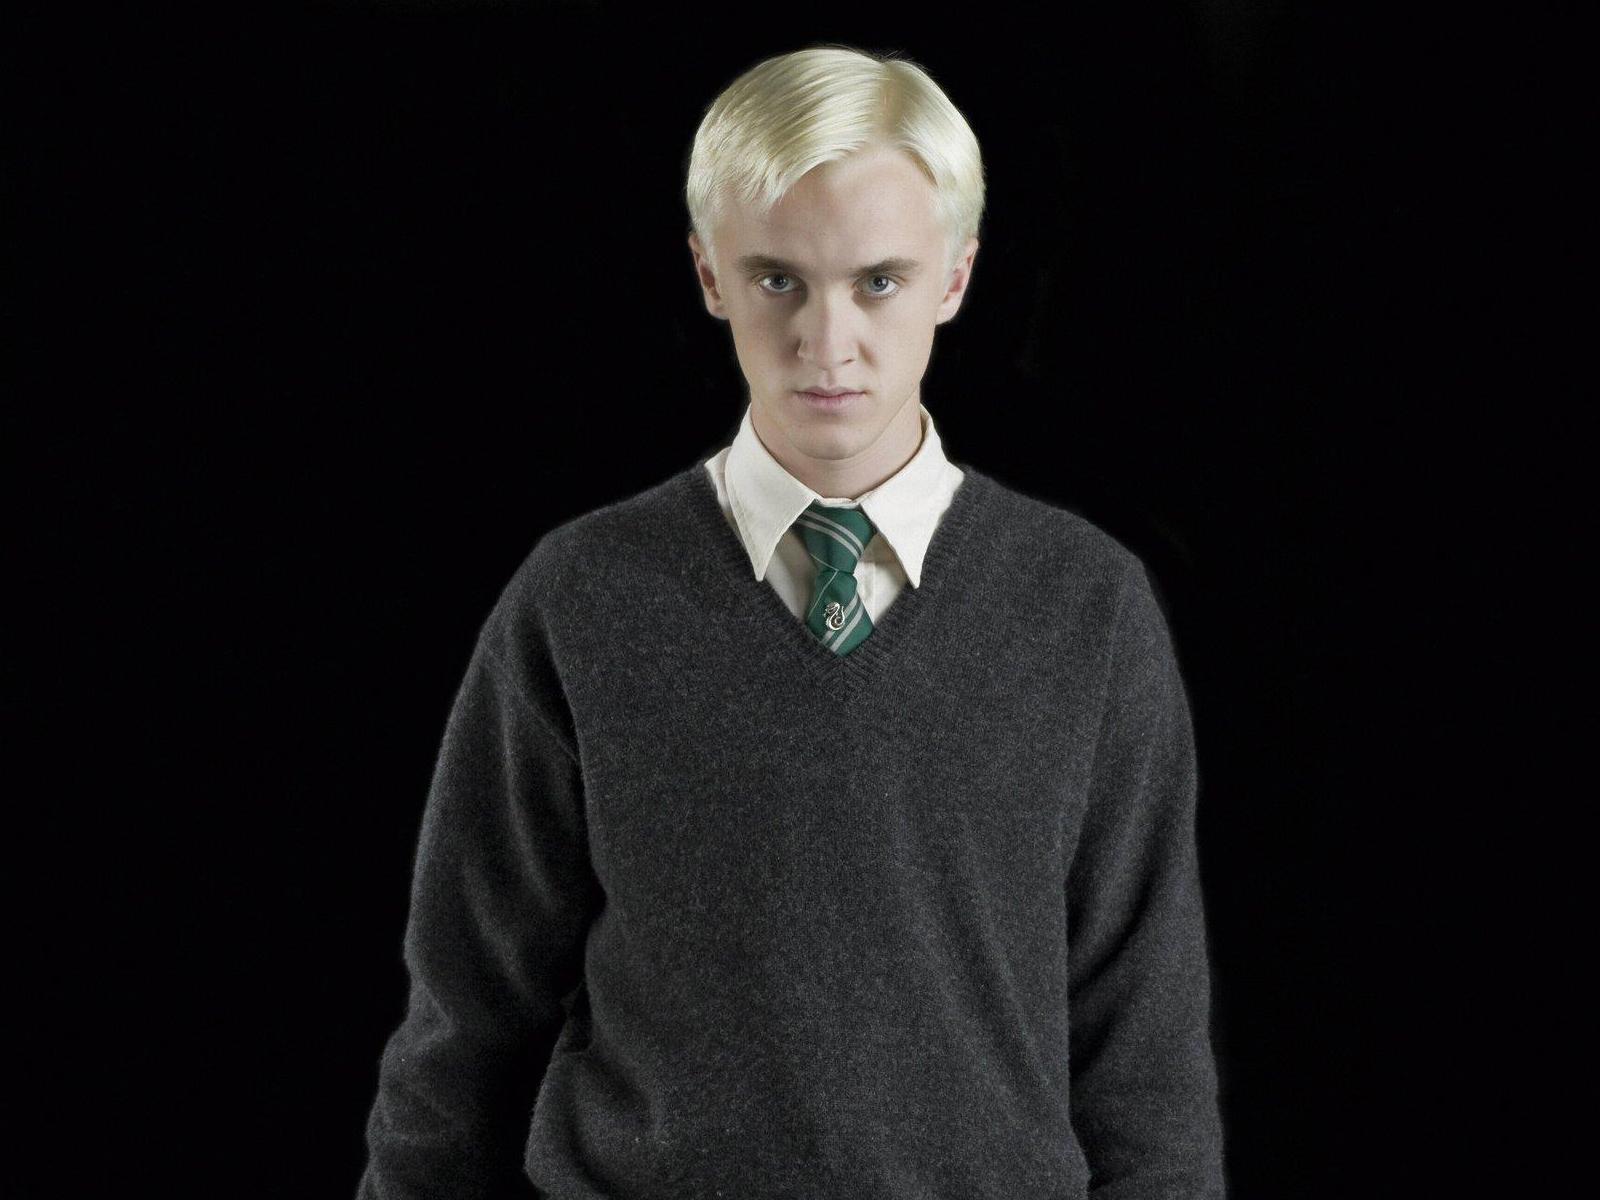 13674 скачать обои Кино, Люди, Актеры, Мужчины, Гарри Поттер (Harry Potter), Томас Фелтон (Thomas Felton) - заставки и картинки бесплатно